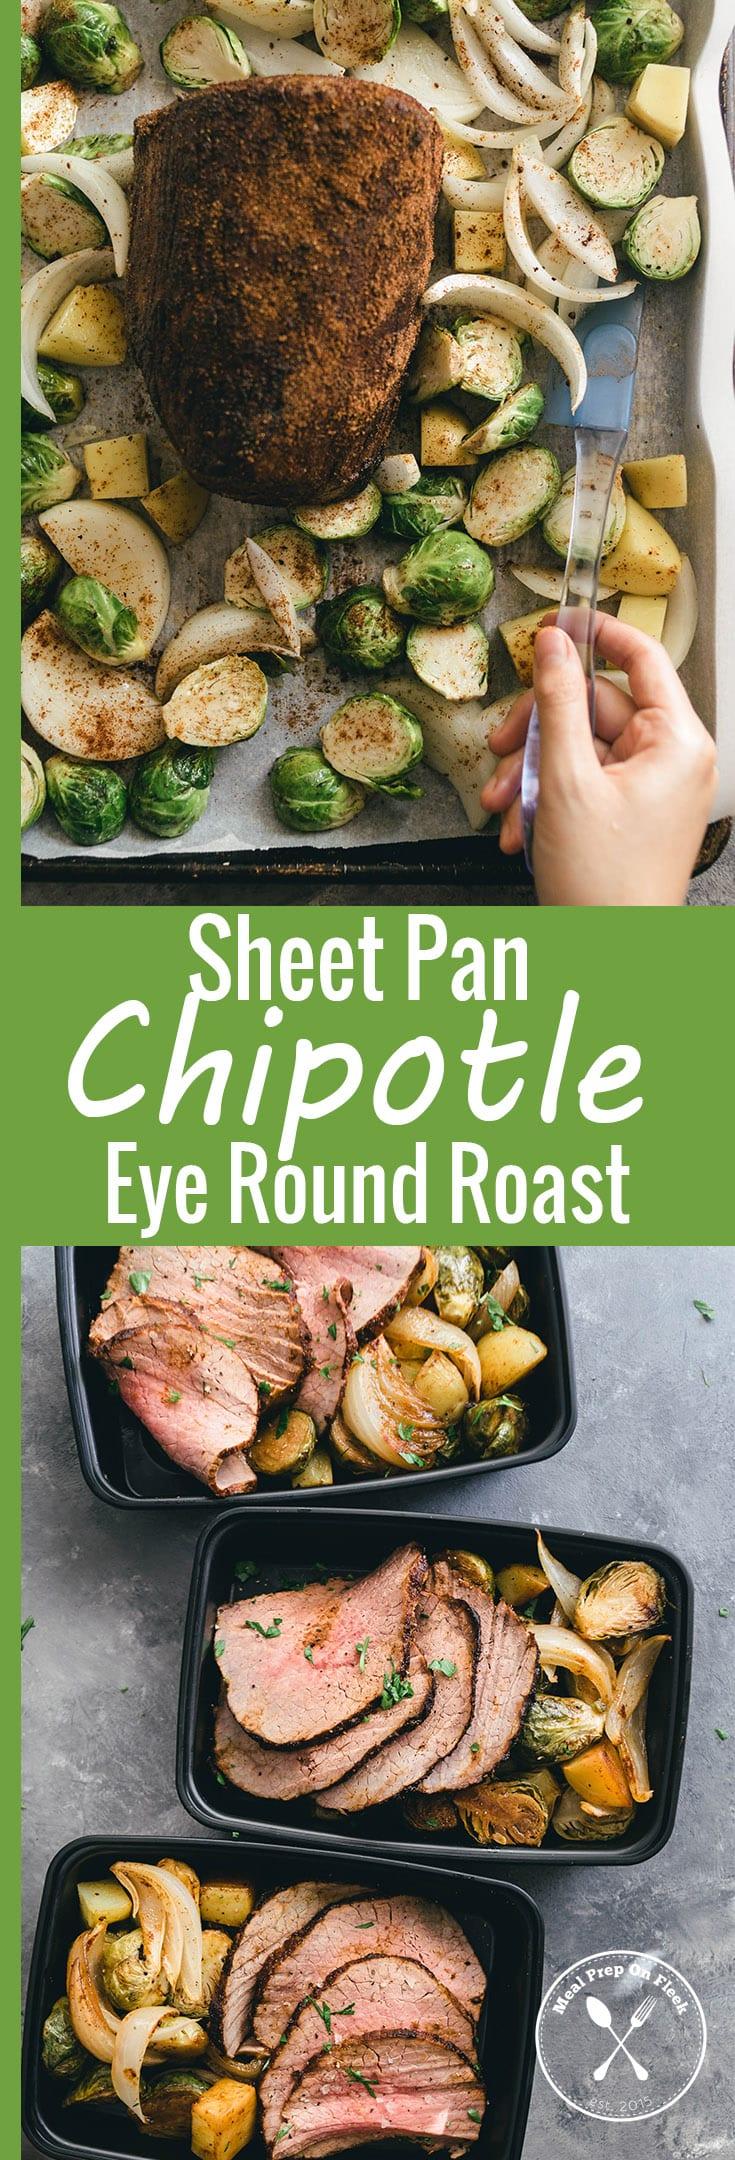 Sheet Pan Chipotle Eye Round Roast Meal Prep Recipe